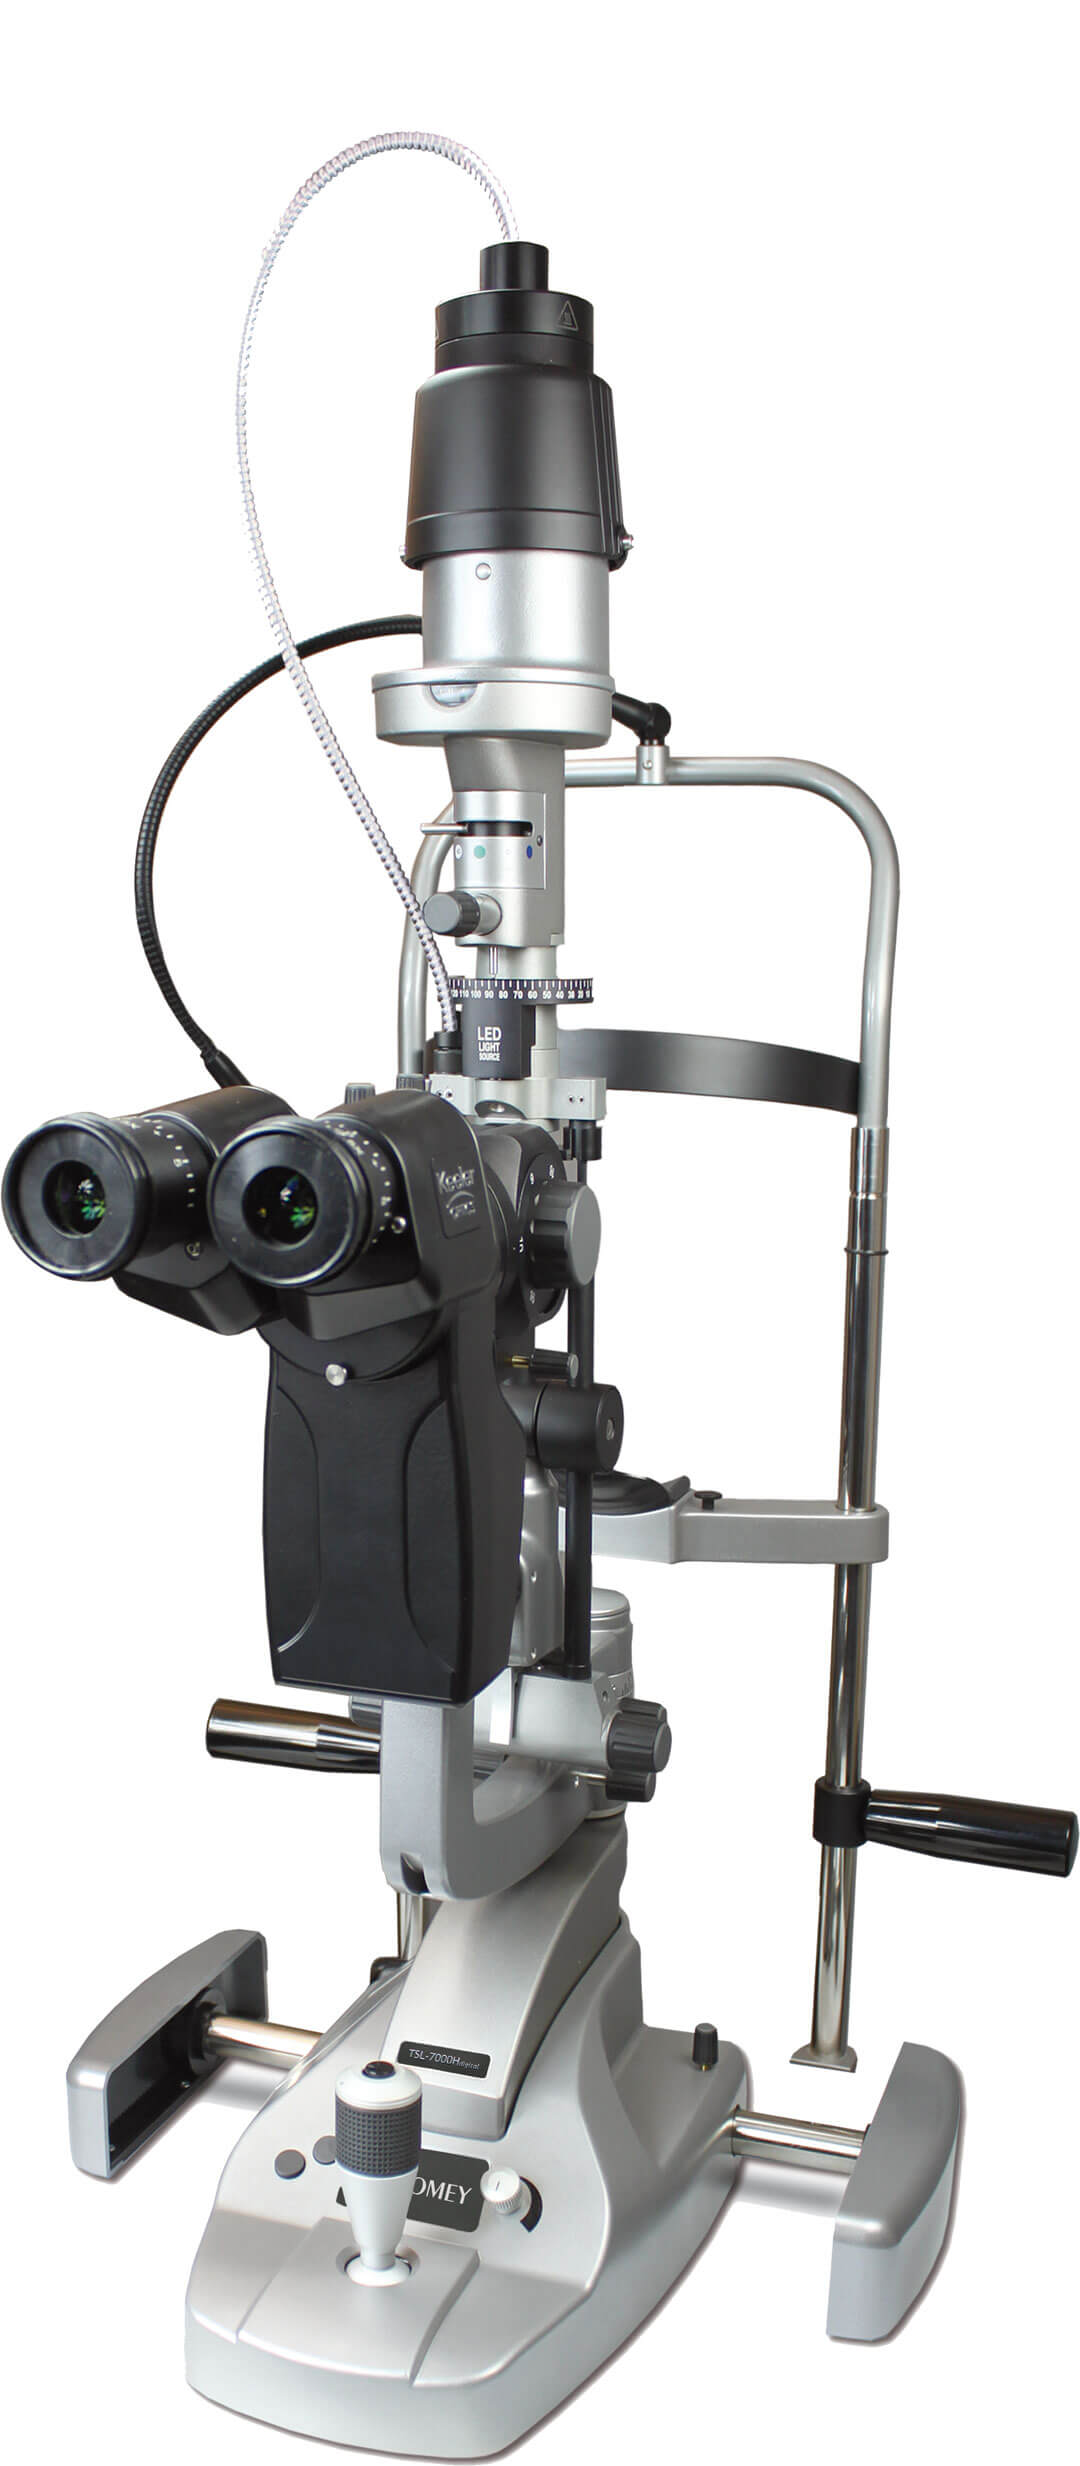 Tomey TSL-7000H - Haag-Streit-tyylinen rakovalomikroskooppi